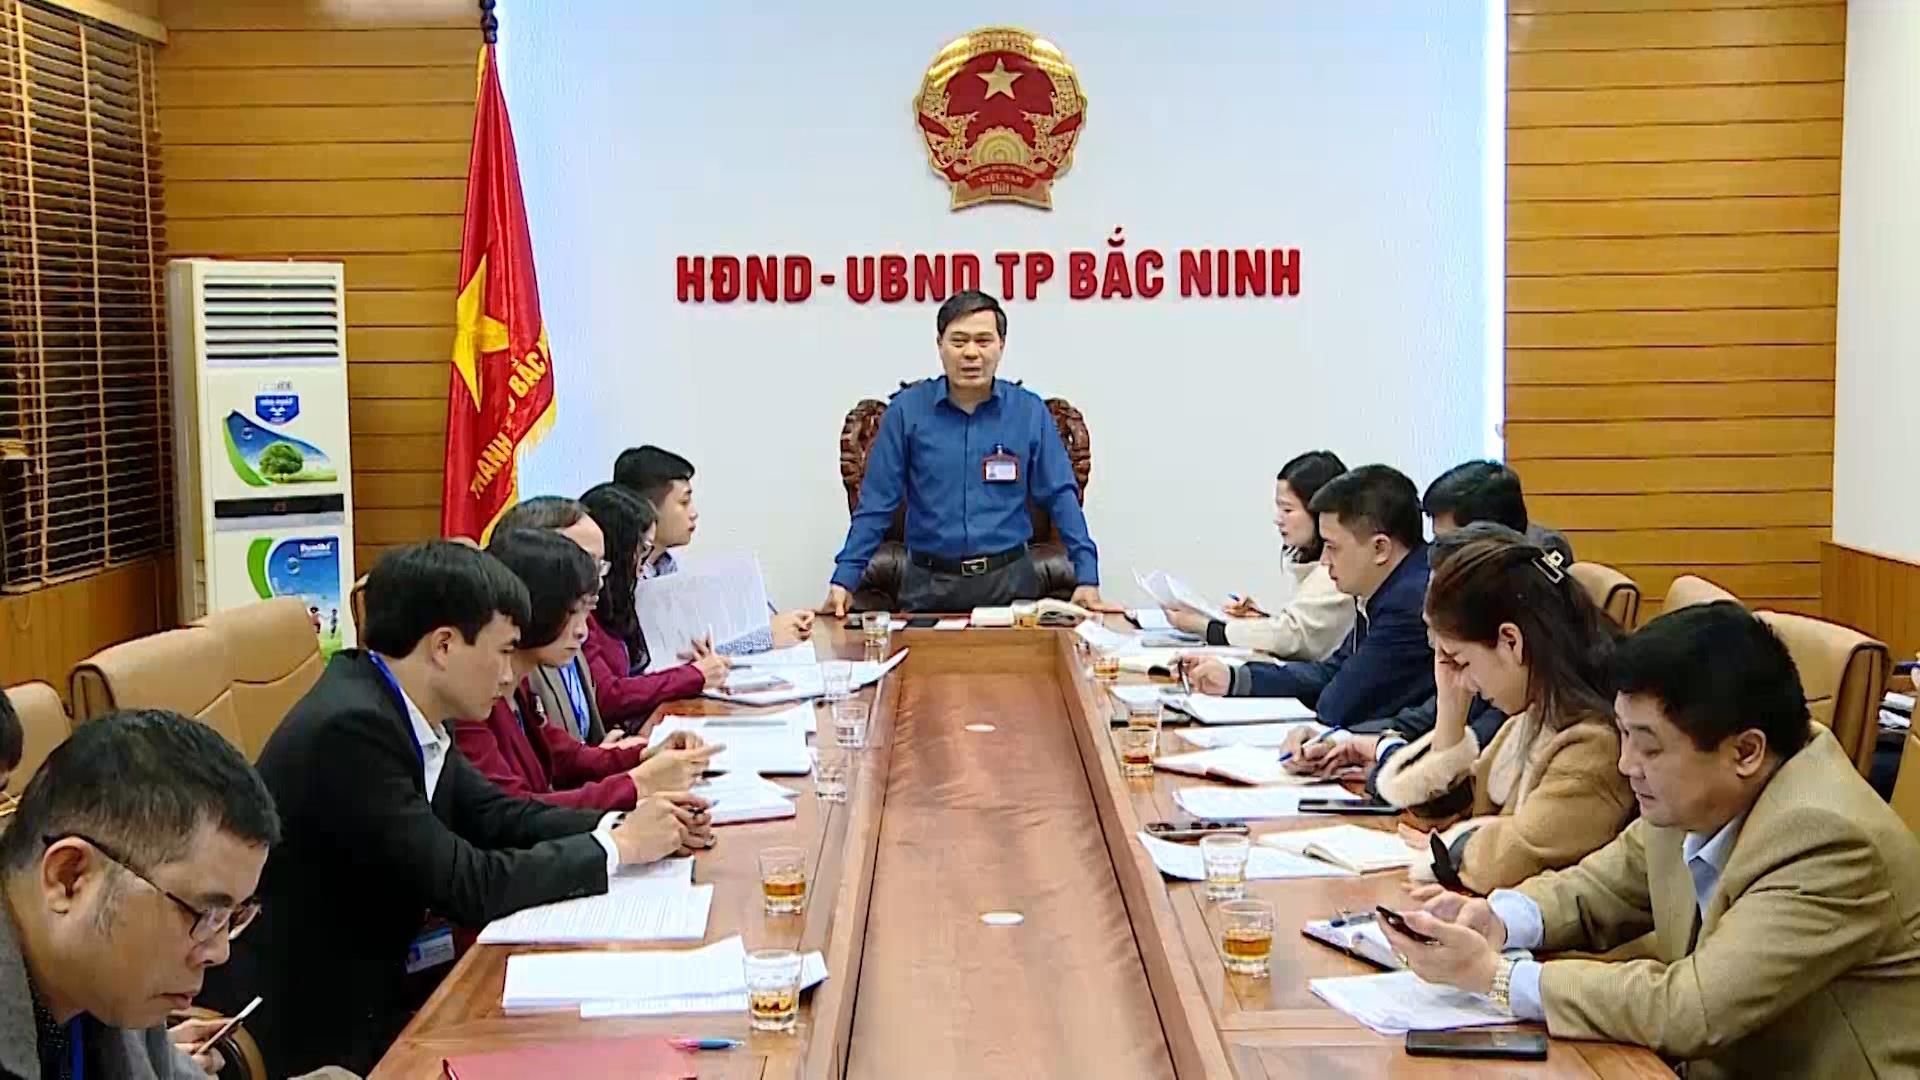 TP Bắc Ninh: Triển khai kế hoạch tổ chức hoạt động chào mừng Đại hội đại biểu toàn quốc lần thứ XIII của Đảng